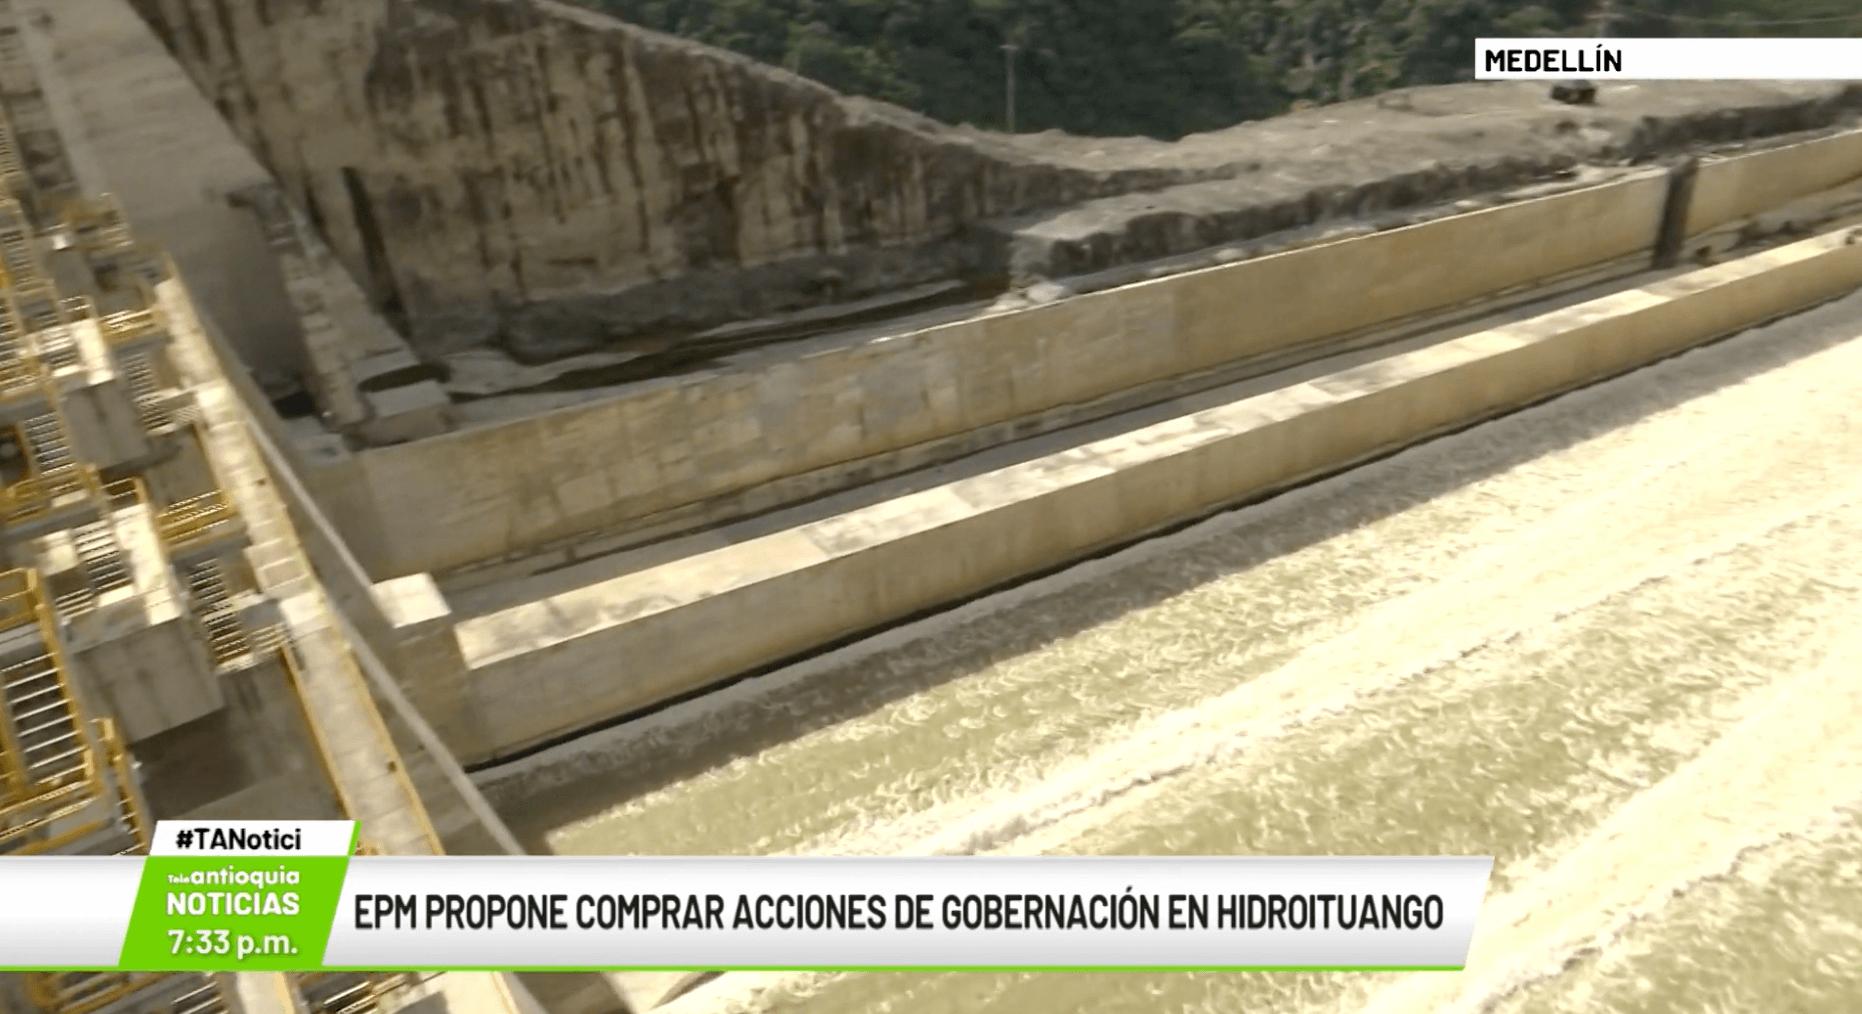 EPM propone comprar acciones de Gobernación en Hidroituango